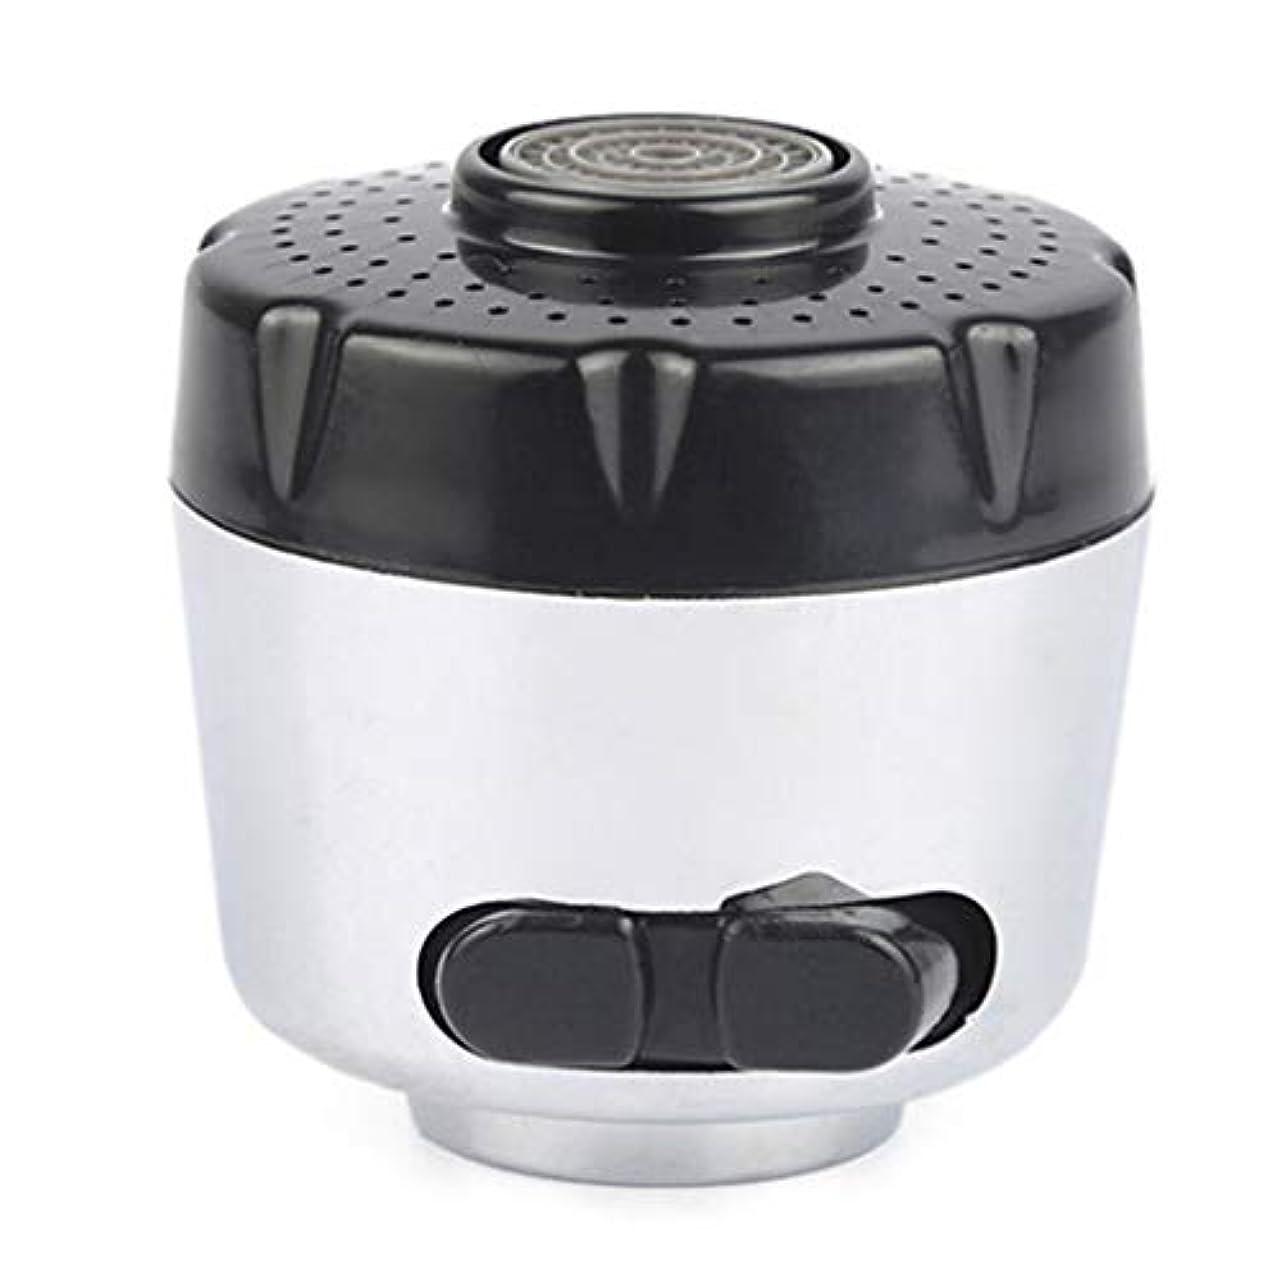 細菌獲物座るToporchid 蛇口ノズルエアレーター洗浄ポンプ噴霧器節水蛇口フィルターヘッド360度調整可能な蛇口ノズル(style1)